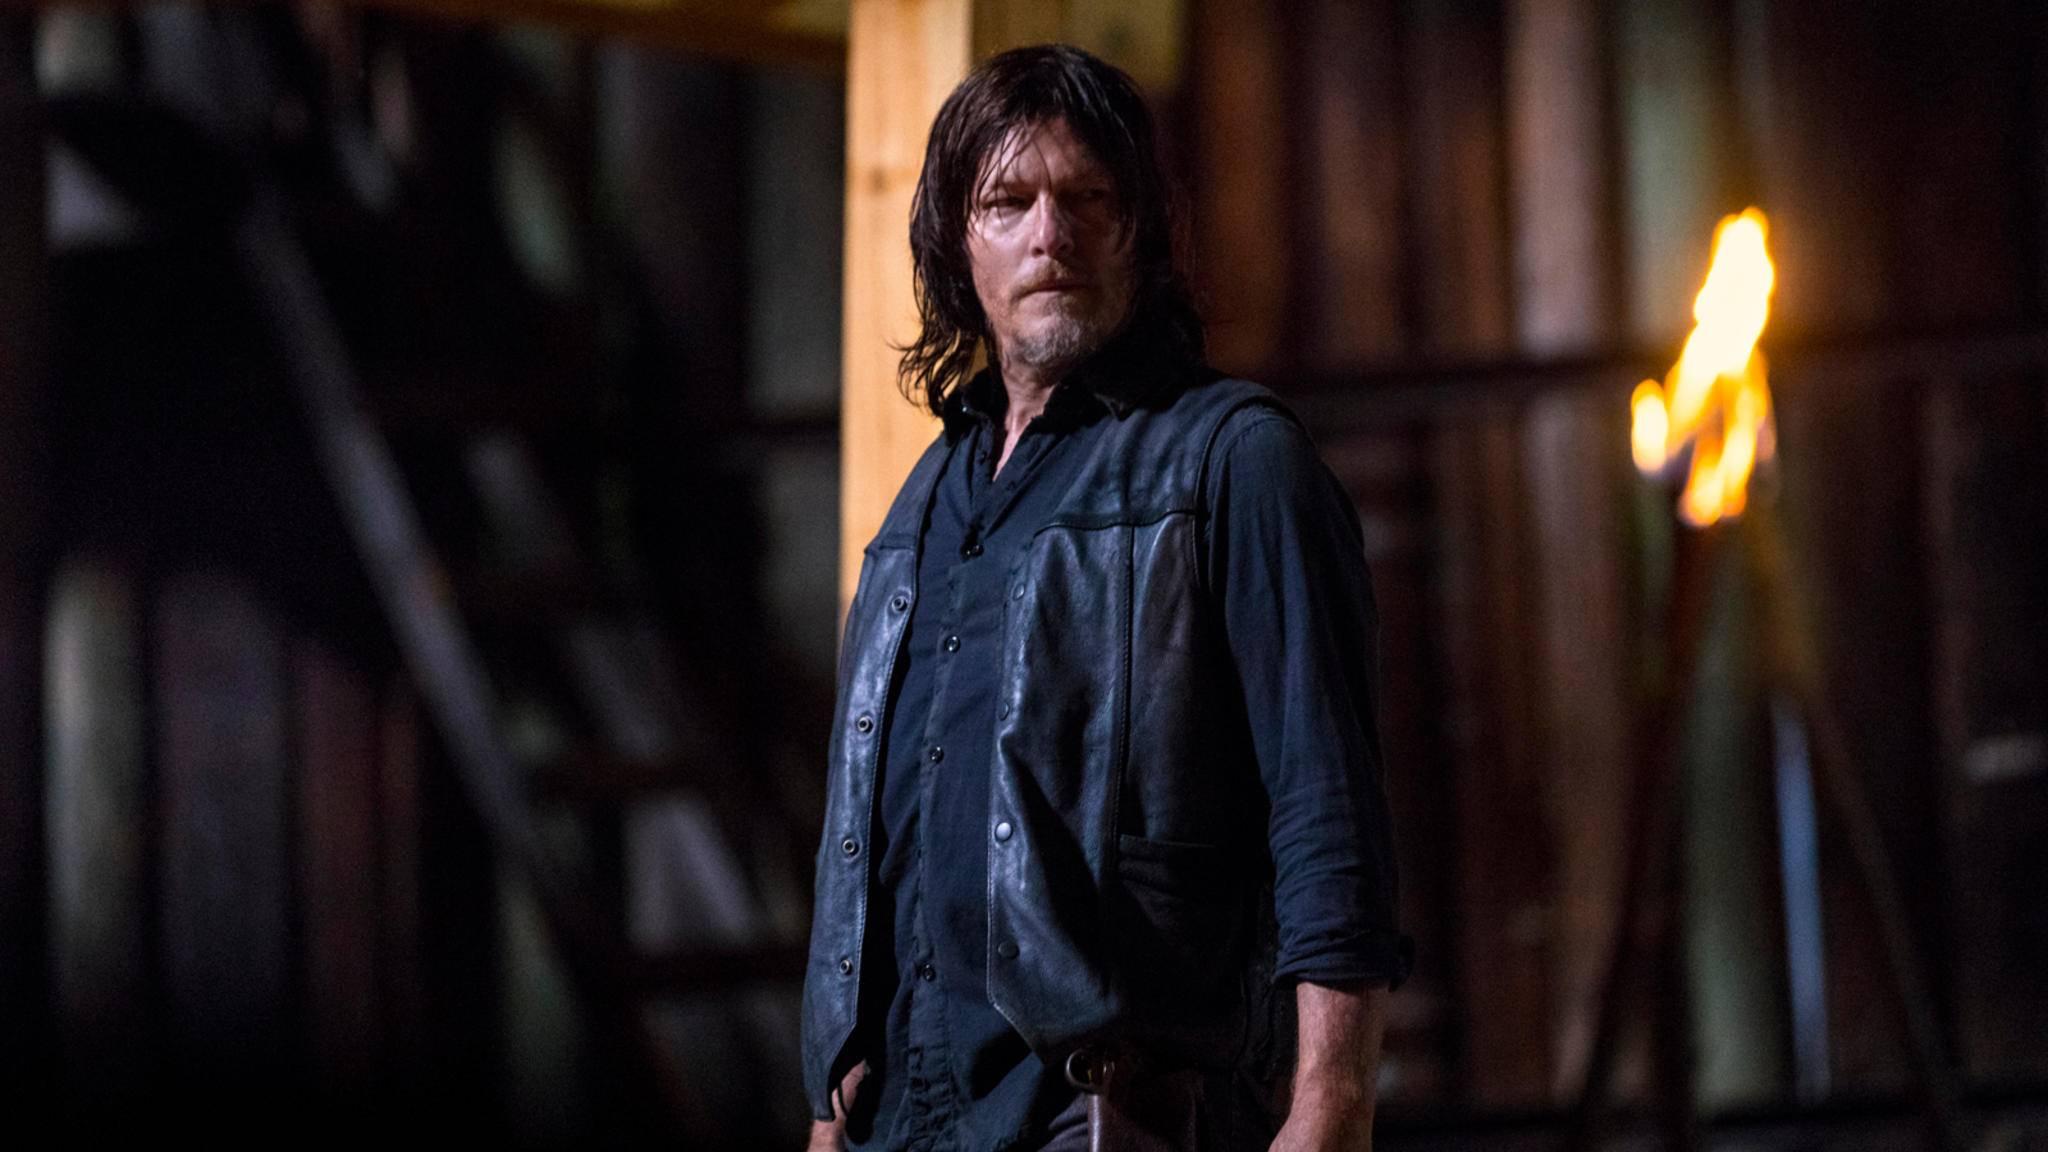 """Daryl-Darsteller Norman Reedus hat seine ganz eigene Meinung zum Anführerwechsel in Staffel 9 von """"The Walking Dead""""."""